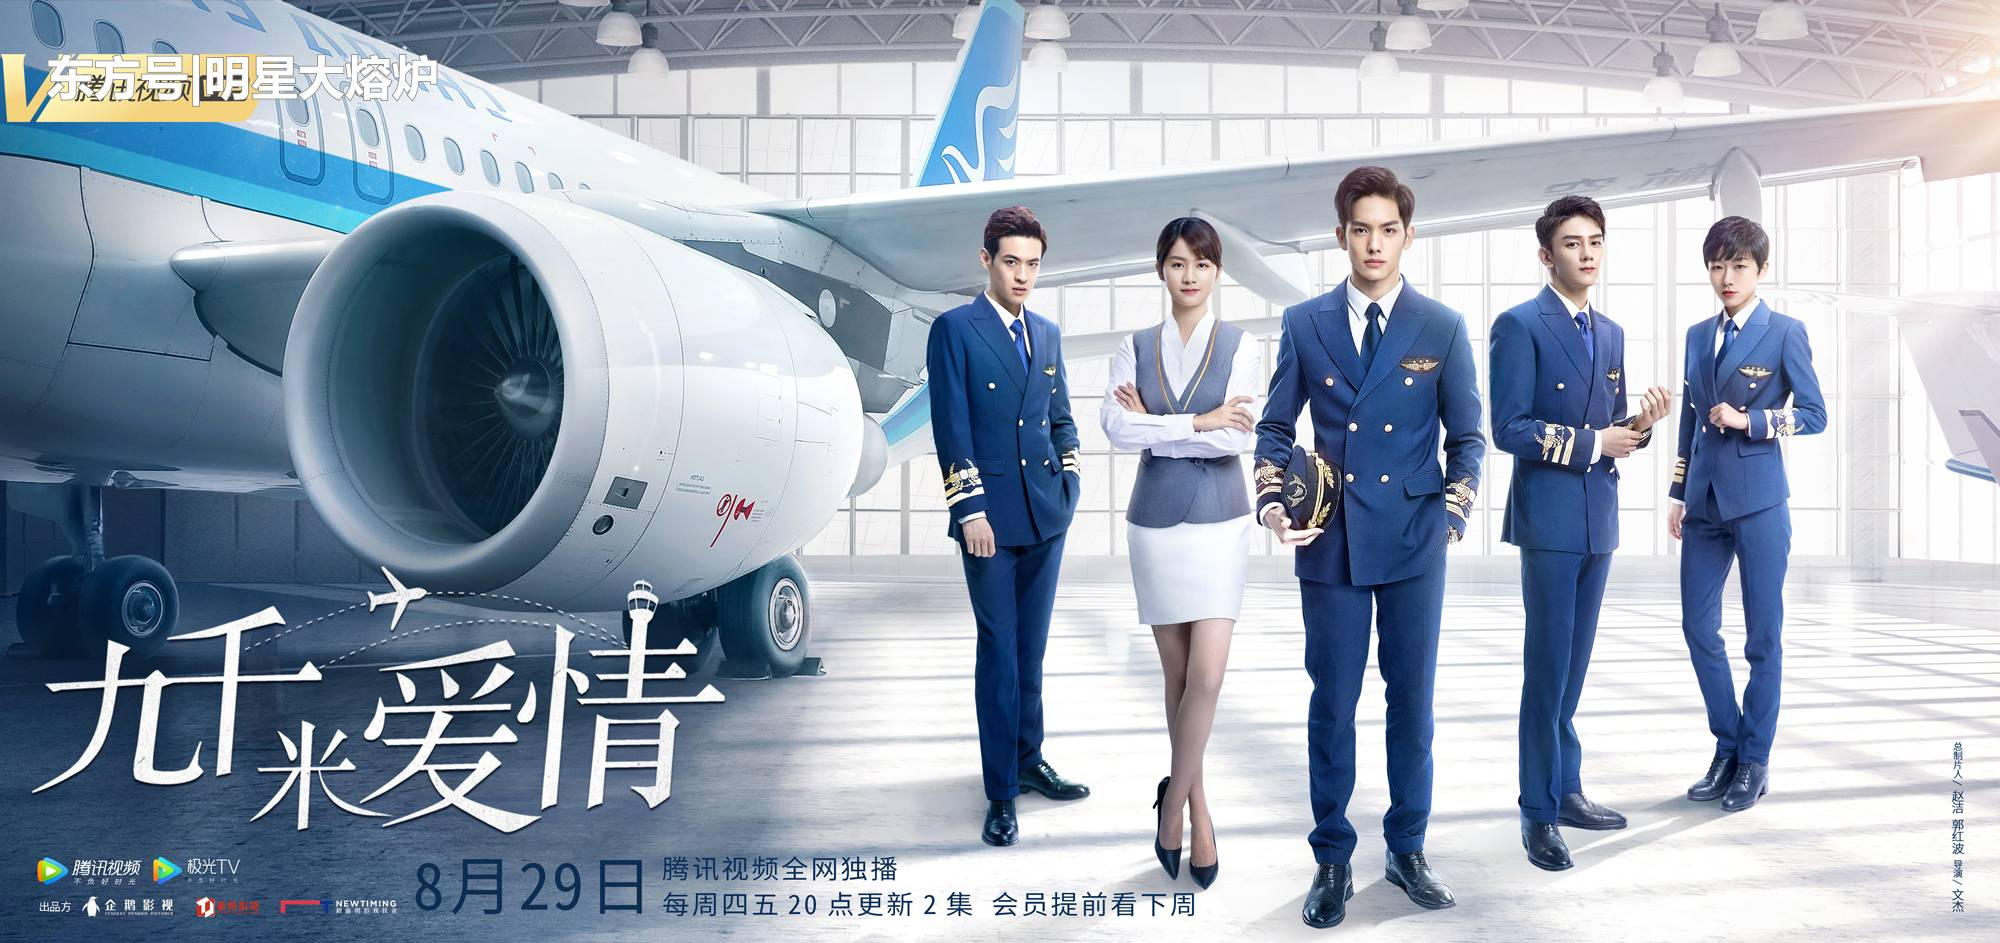 Sinopsis dan Review Drama China Nine Kilometers of Love (2019)